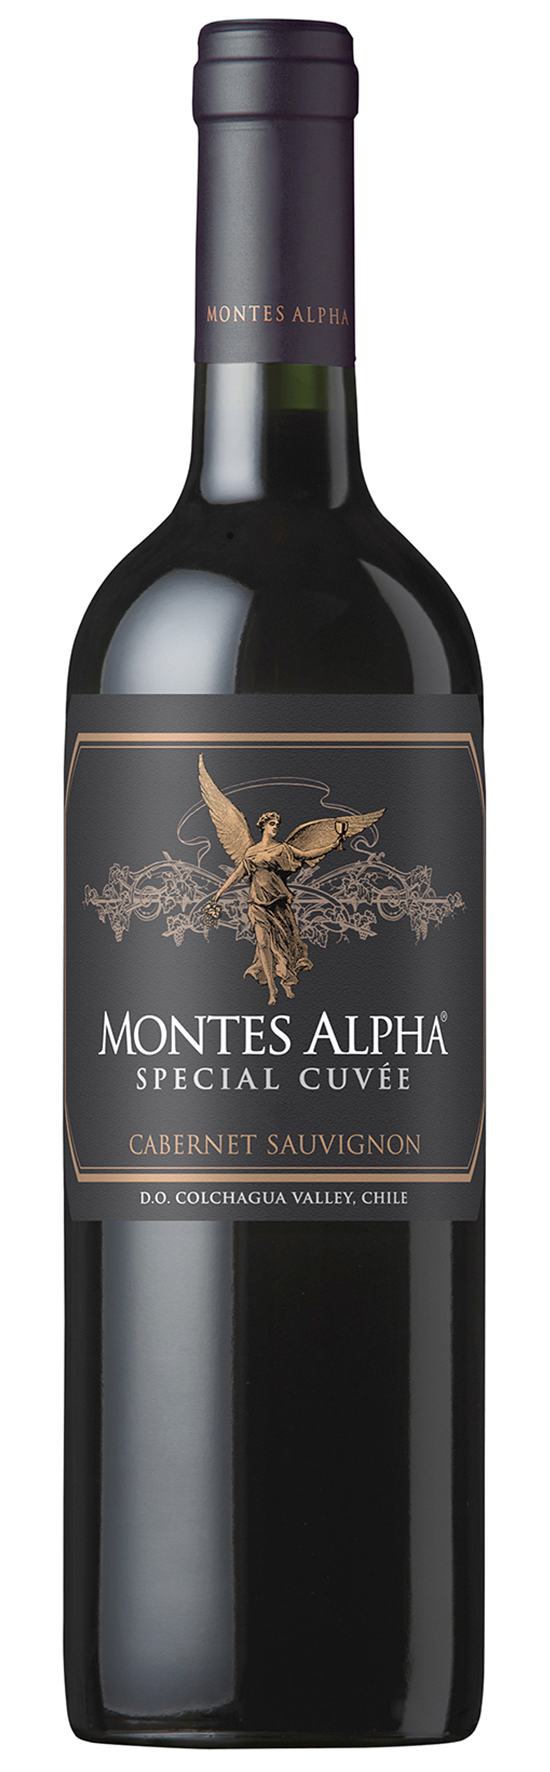 Montes Alpha Special Cuvée Cab. Sauv. 2017